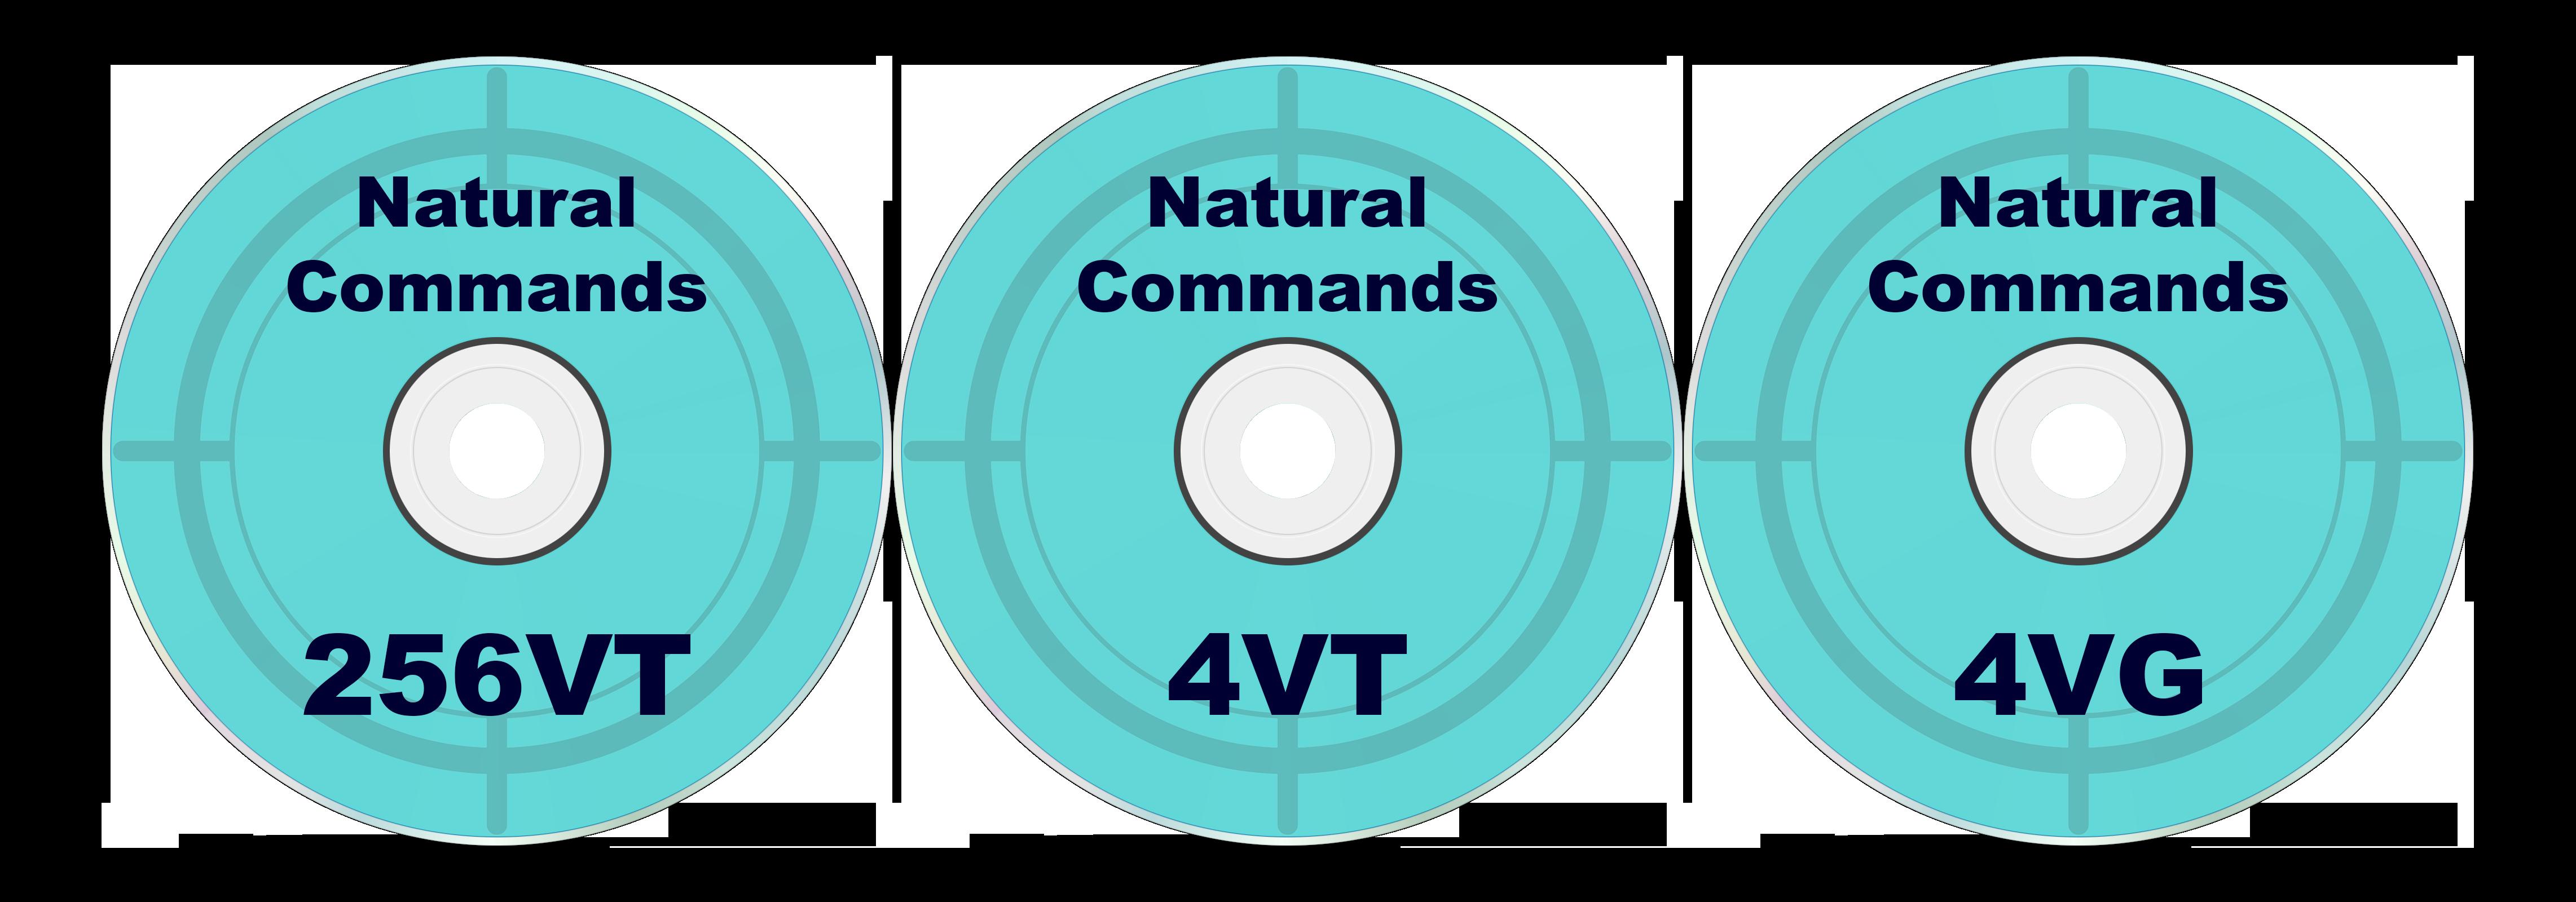 Natural Commands